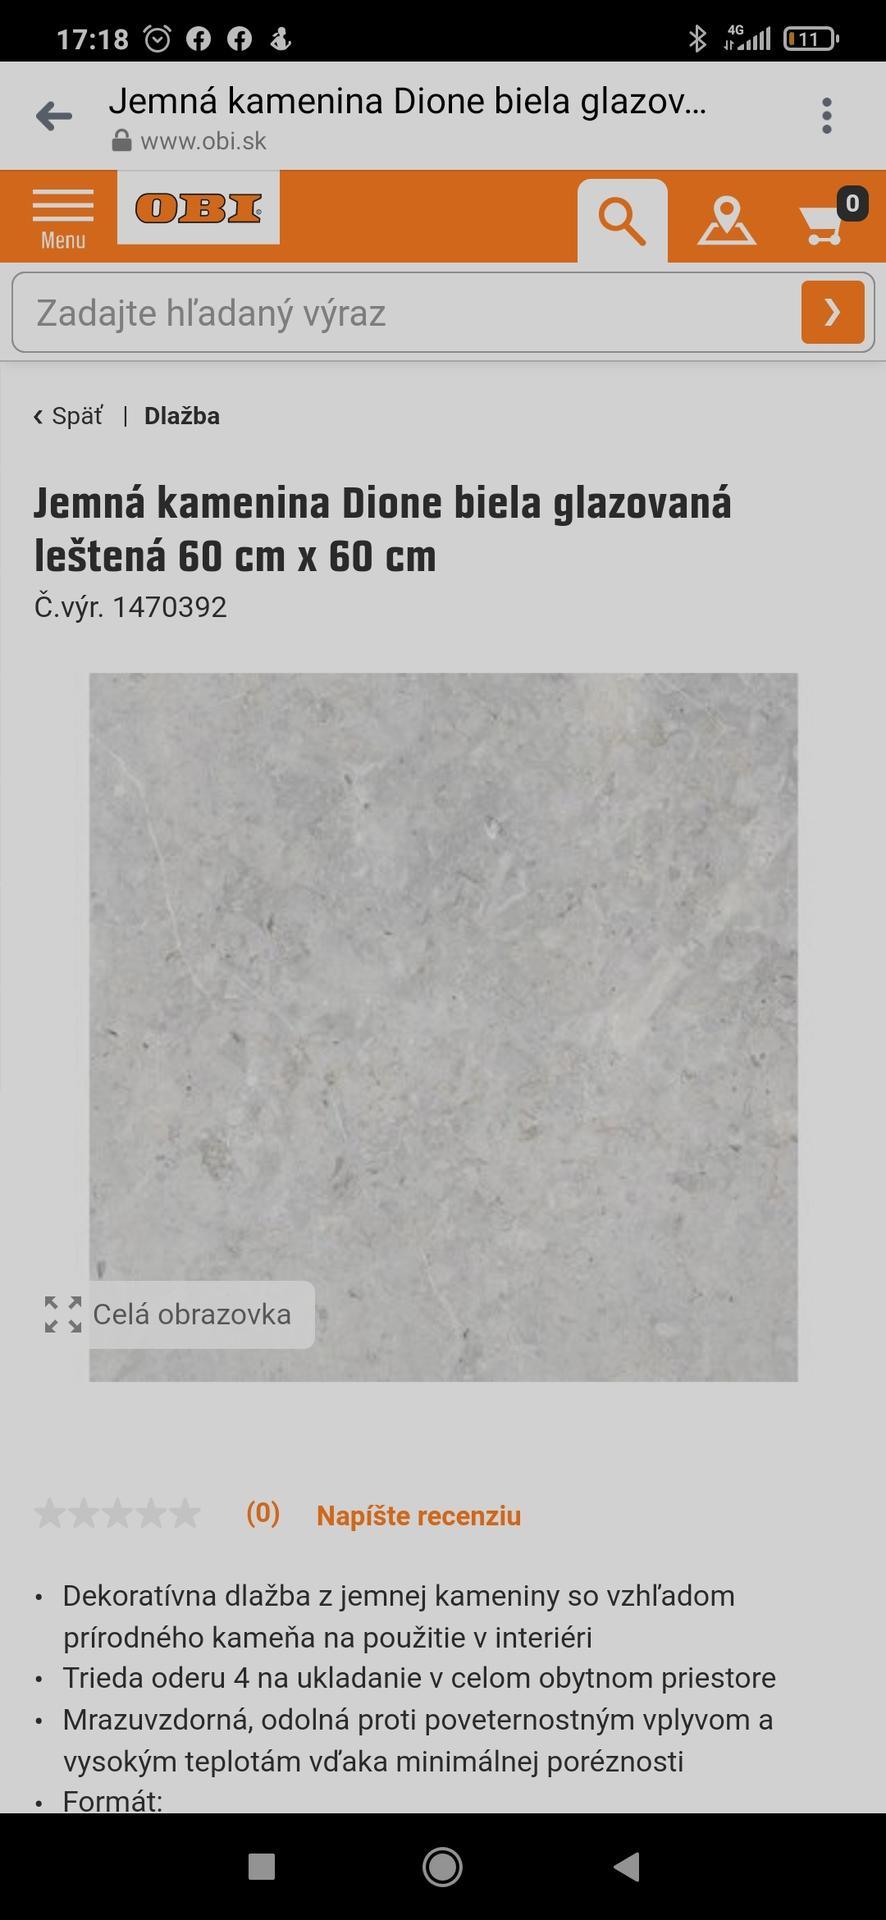 Zdravím. Chceme si dat do kúpelni tuto dlazbu bielu na steny, sivu na zem a do sprchy a za vanu túto mozaiku... chcela by som sa spýtať ci nemate tieto dlazby pouzite u vas doma a poprípade foto k tomu ako to vyzera dakujem :) - Obrázok č. 2